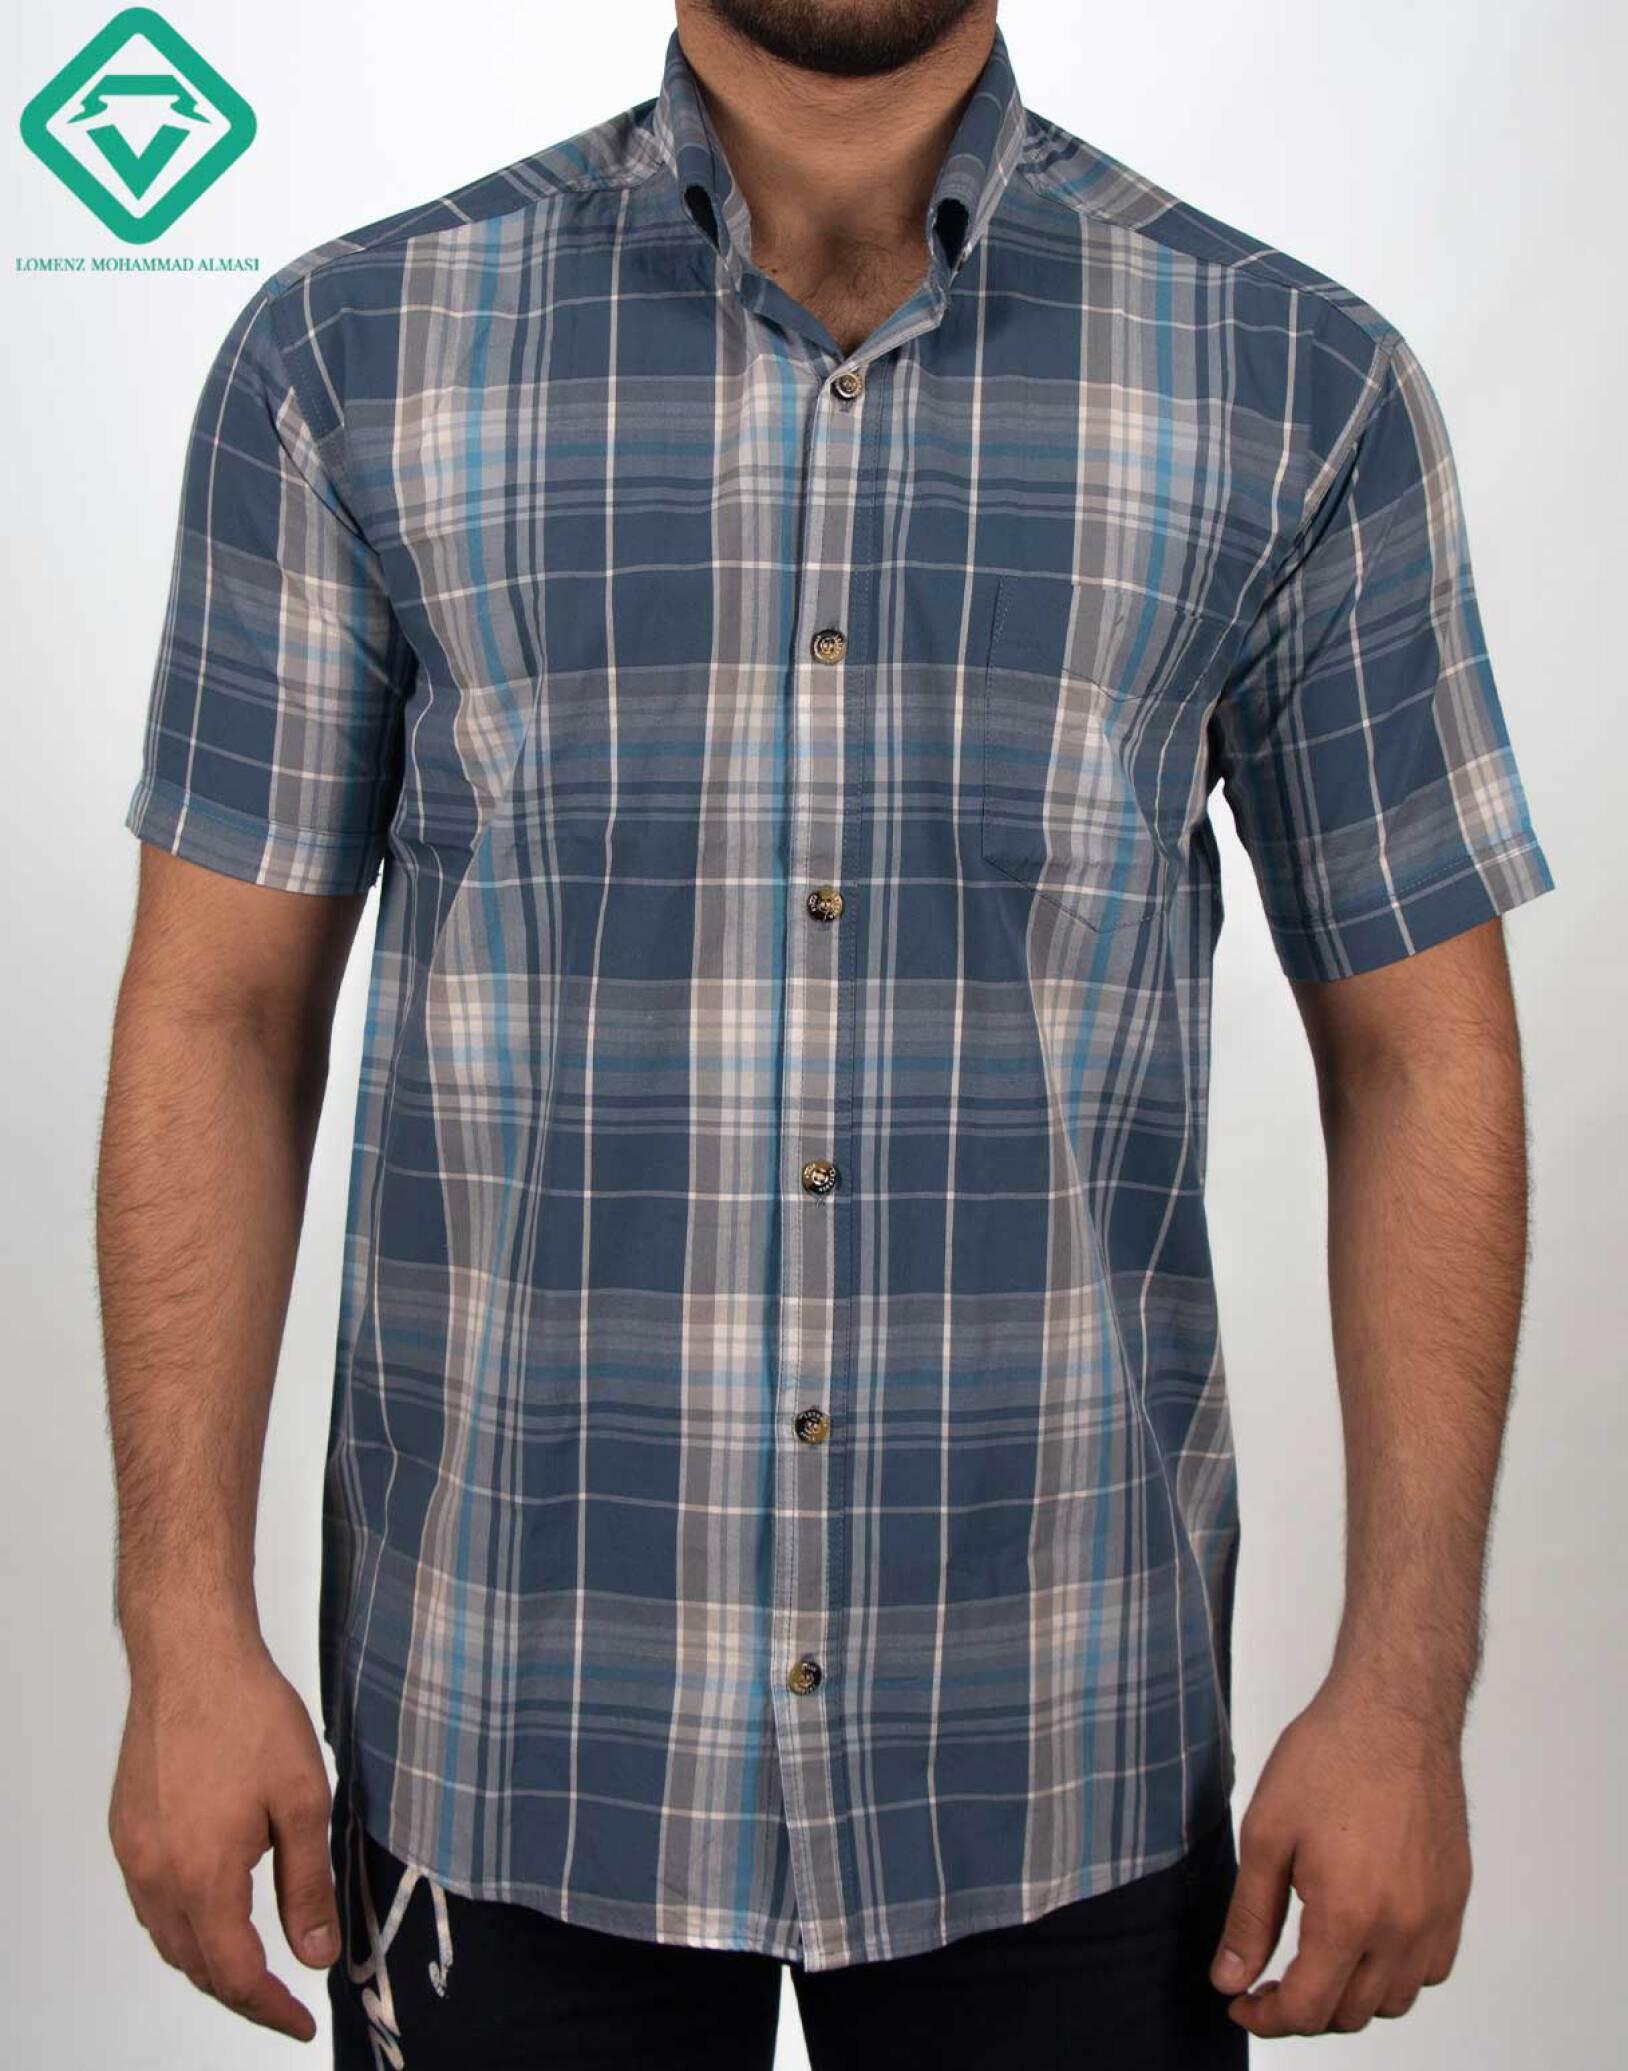 پیراهن اسپرت چهارخونه کد 008 تولید شده توسط سایت لومنز